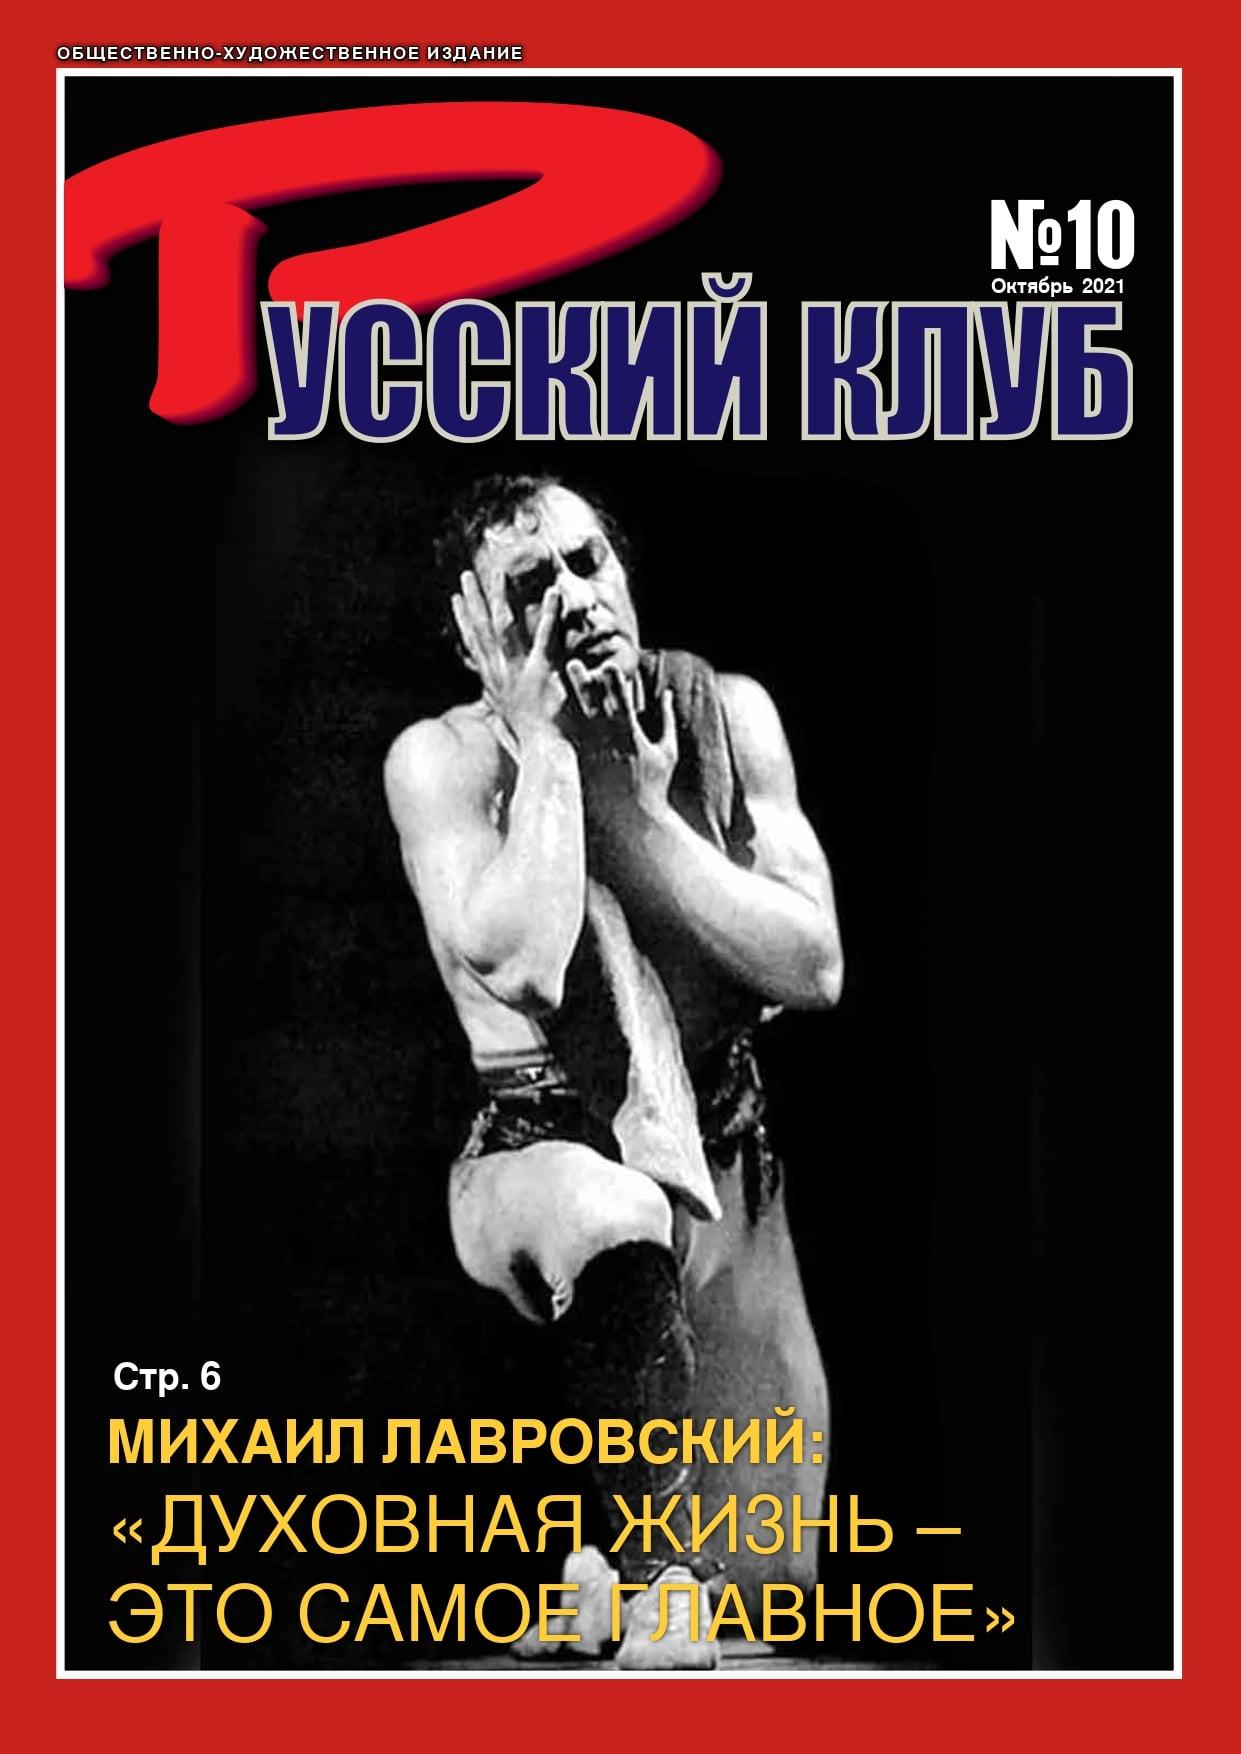 Журнал «Русский клуб» №10, октябрь 2021